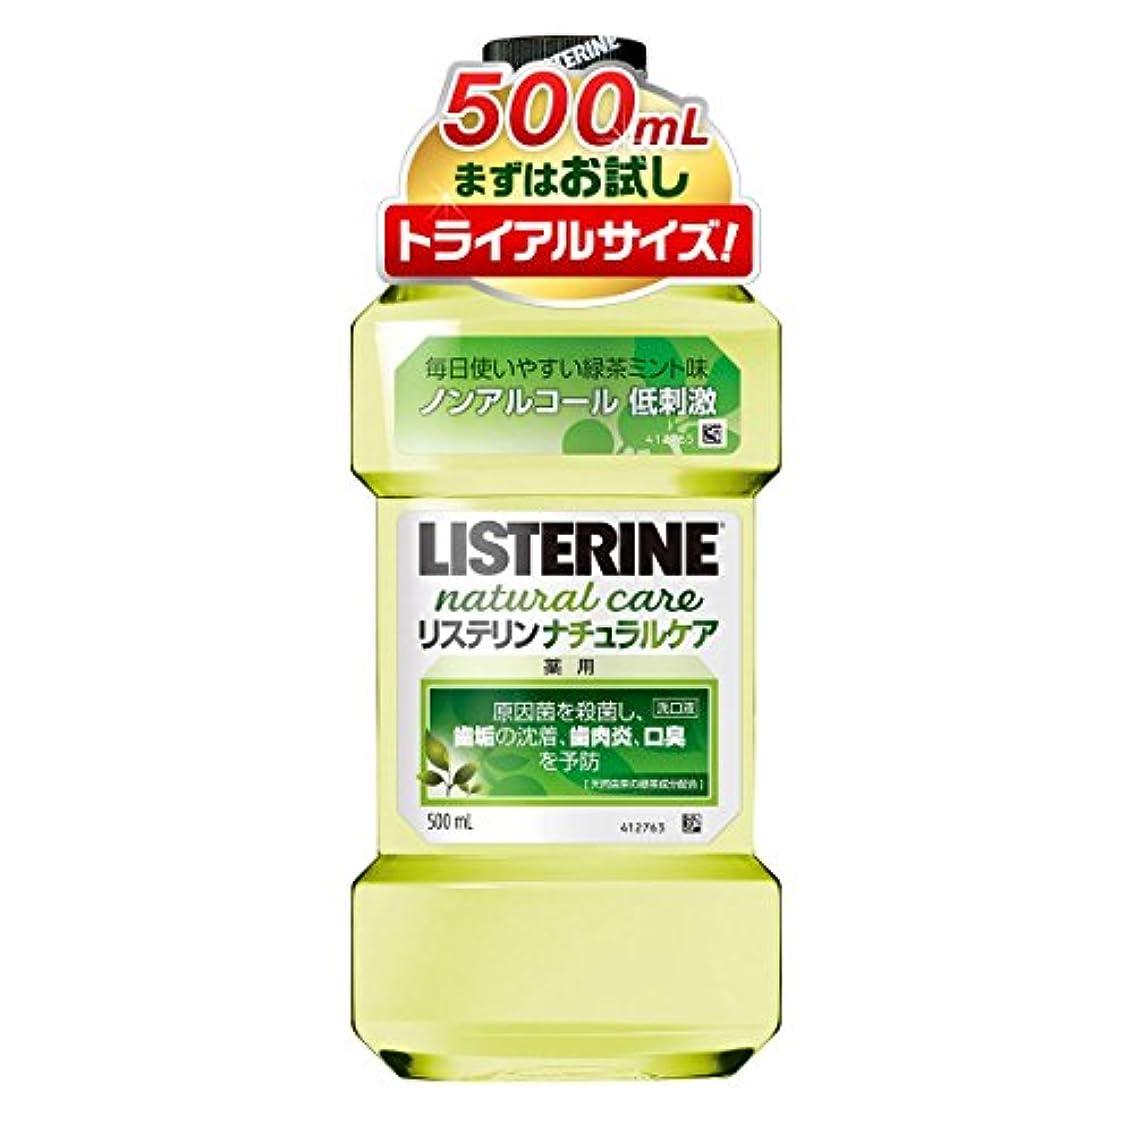 挨拶再生可能徐々に[医薬部外品] 薬用 リステリン マウスウォッシュ ナチュラルケア 500mL ノンアルコールタイプ